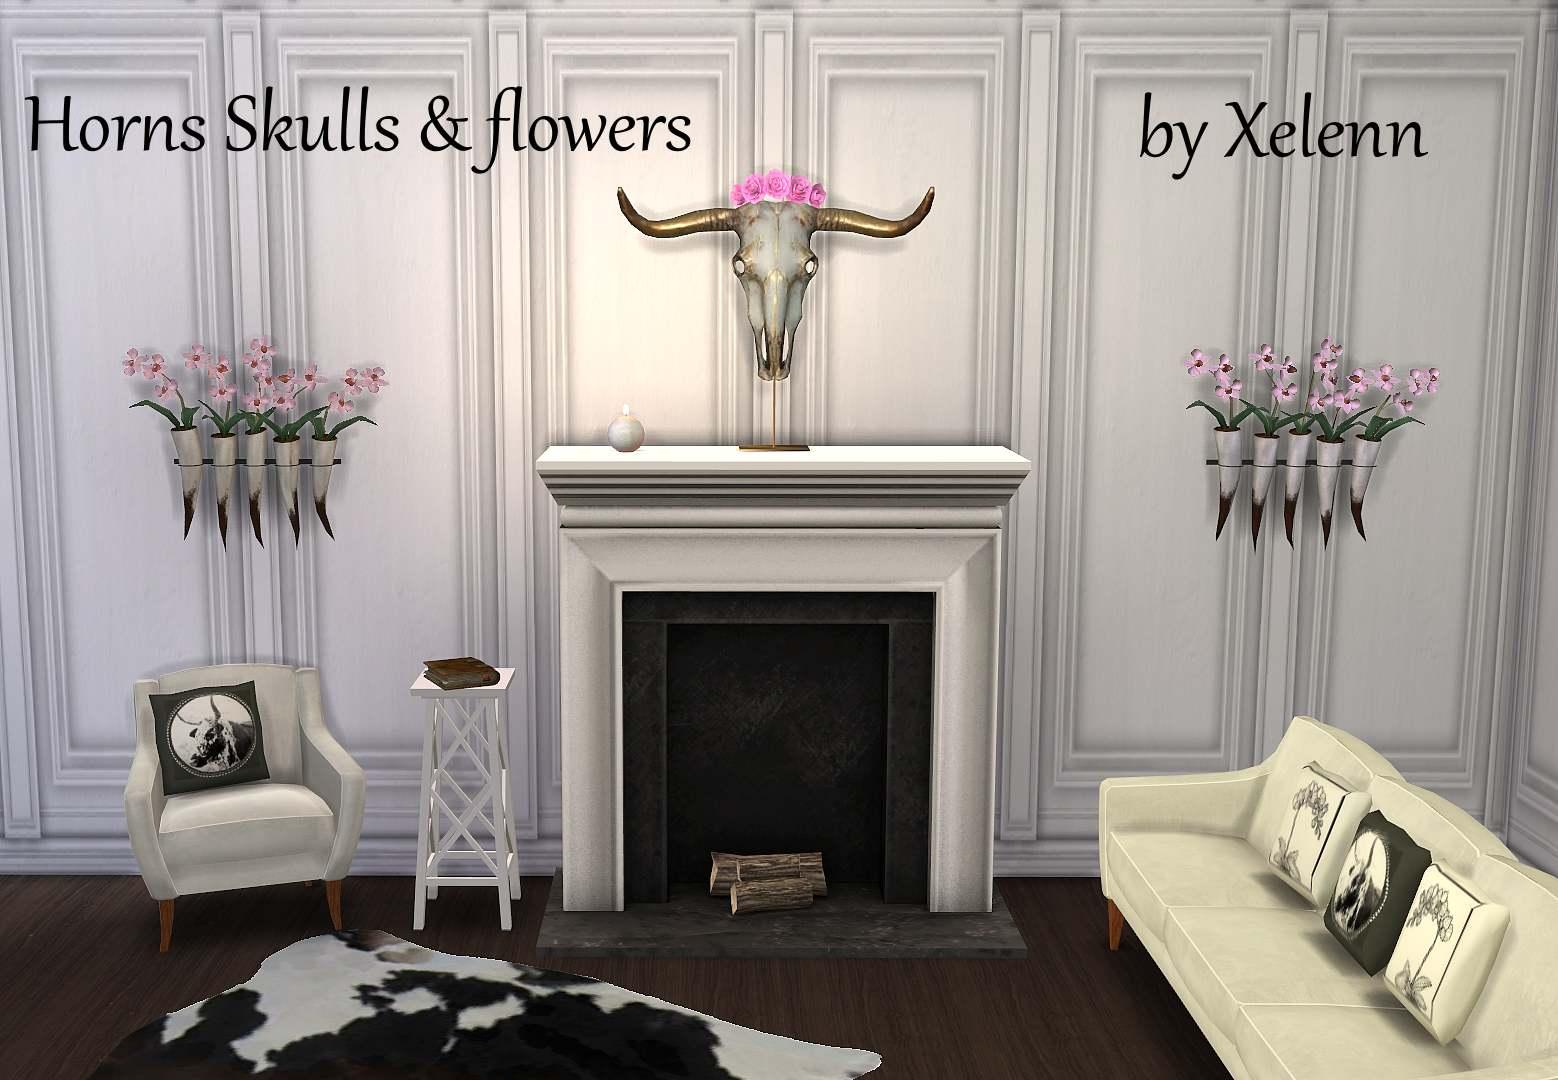 Набор декоративных объектов - Horns Skulls & Flowers